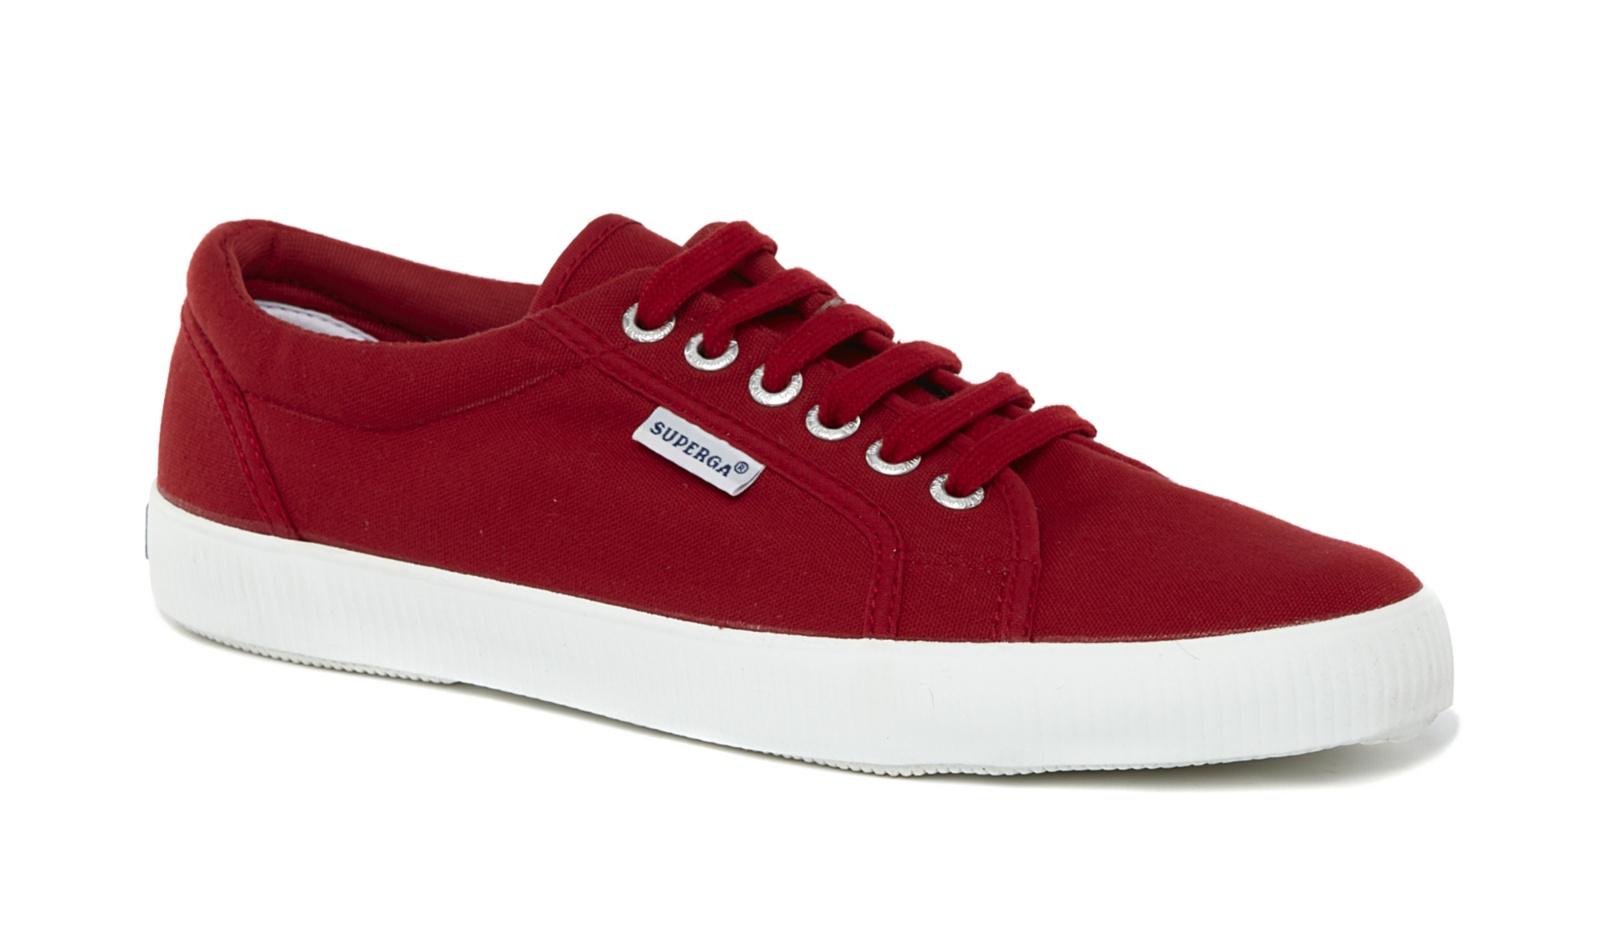 VH Superga Unisex 1705 Cotu Lace Up Canvas Trainers Tennis Shoes ...